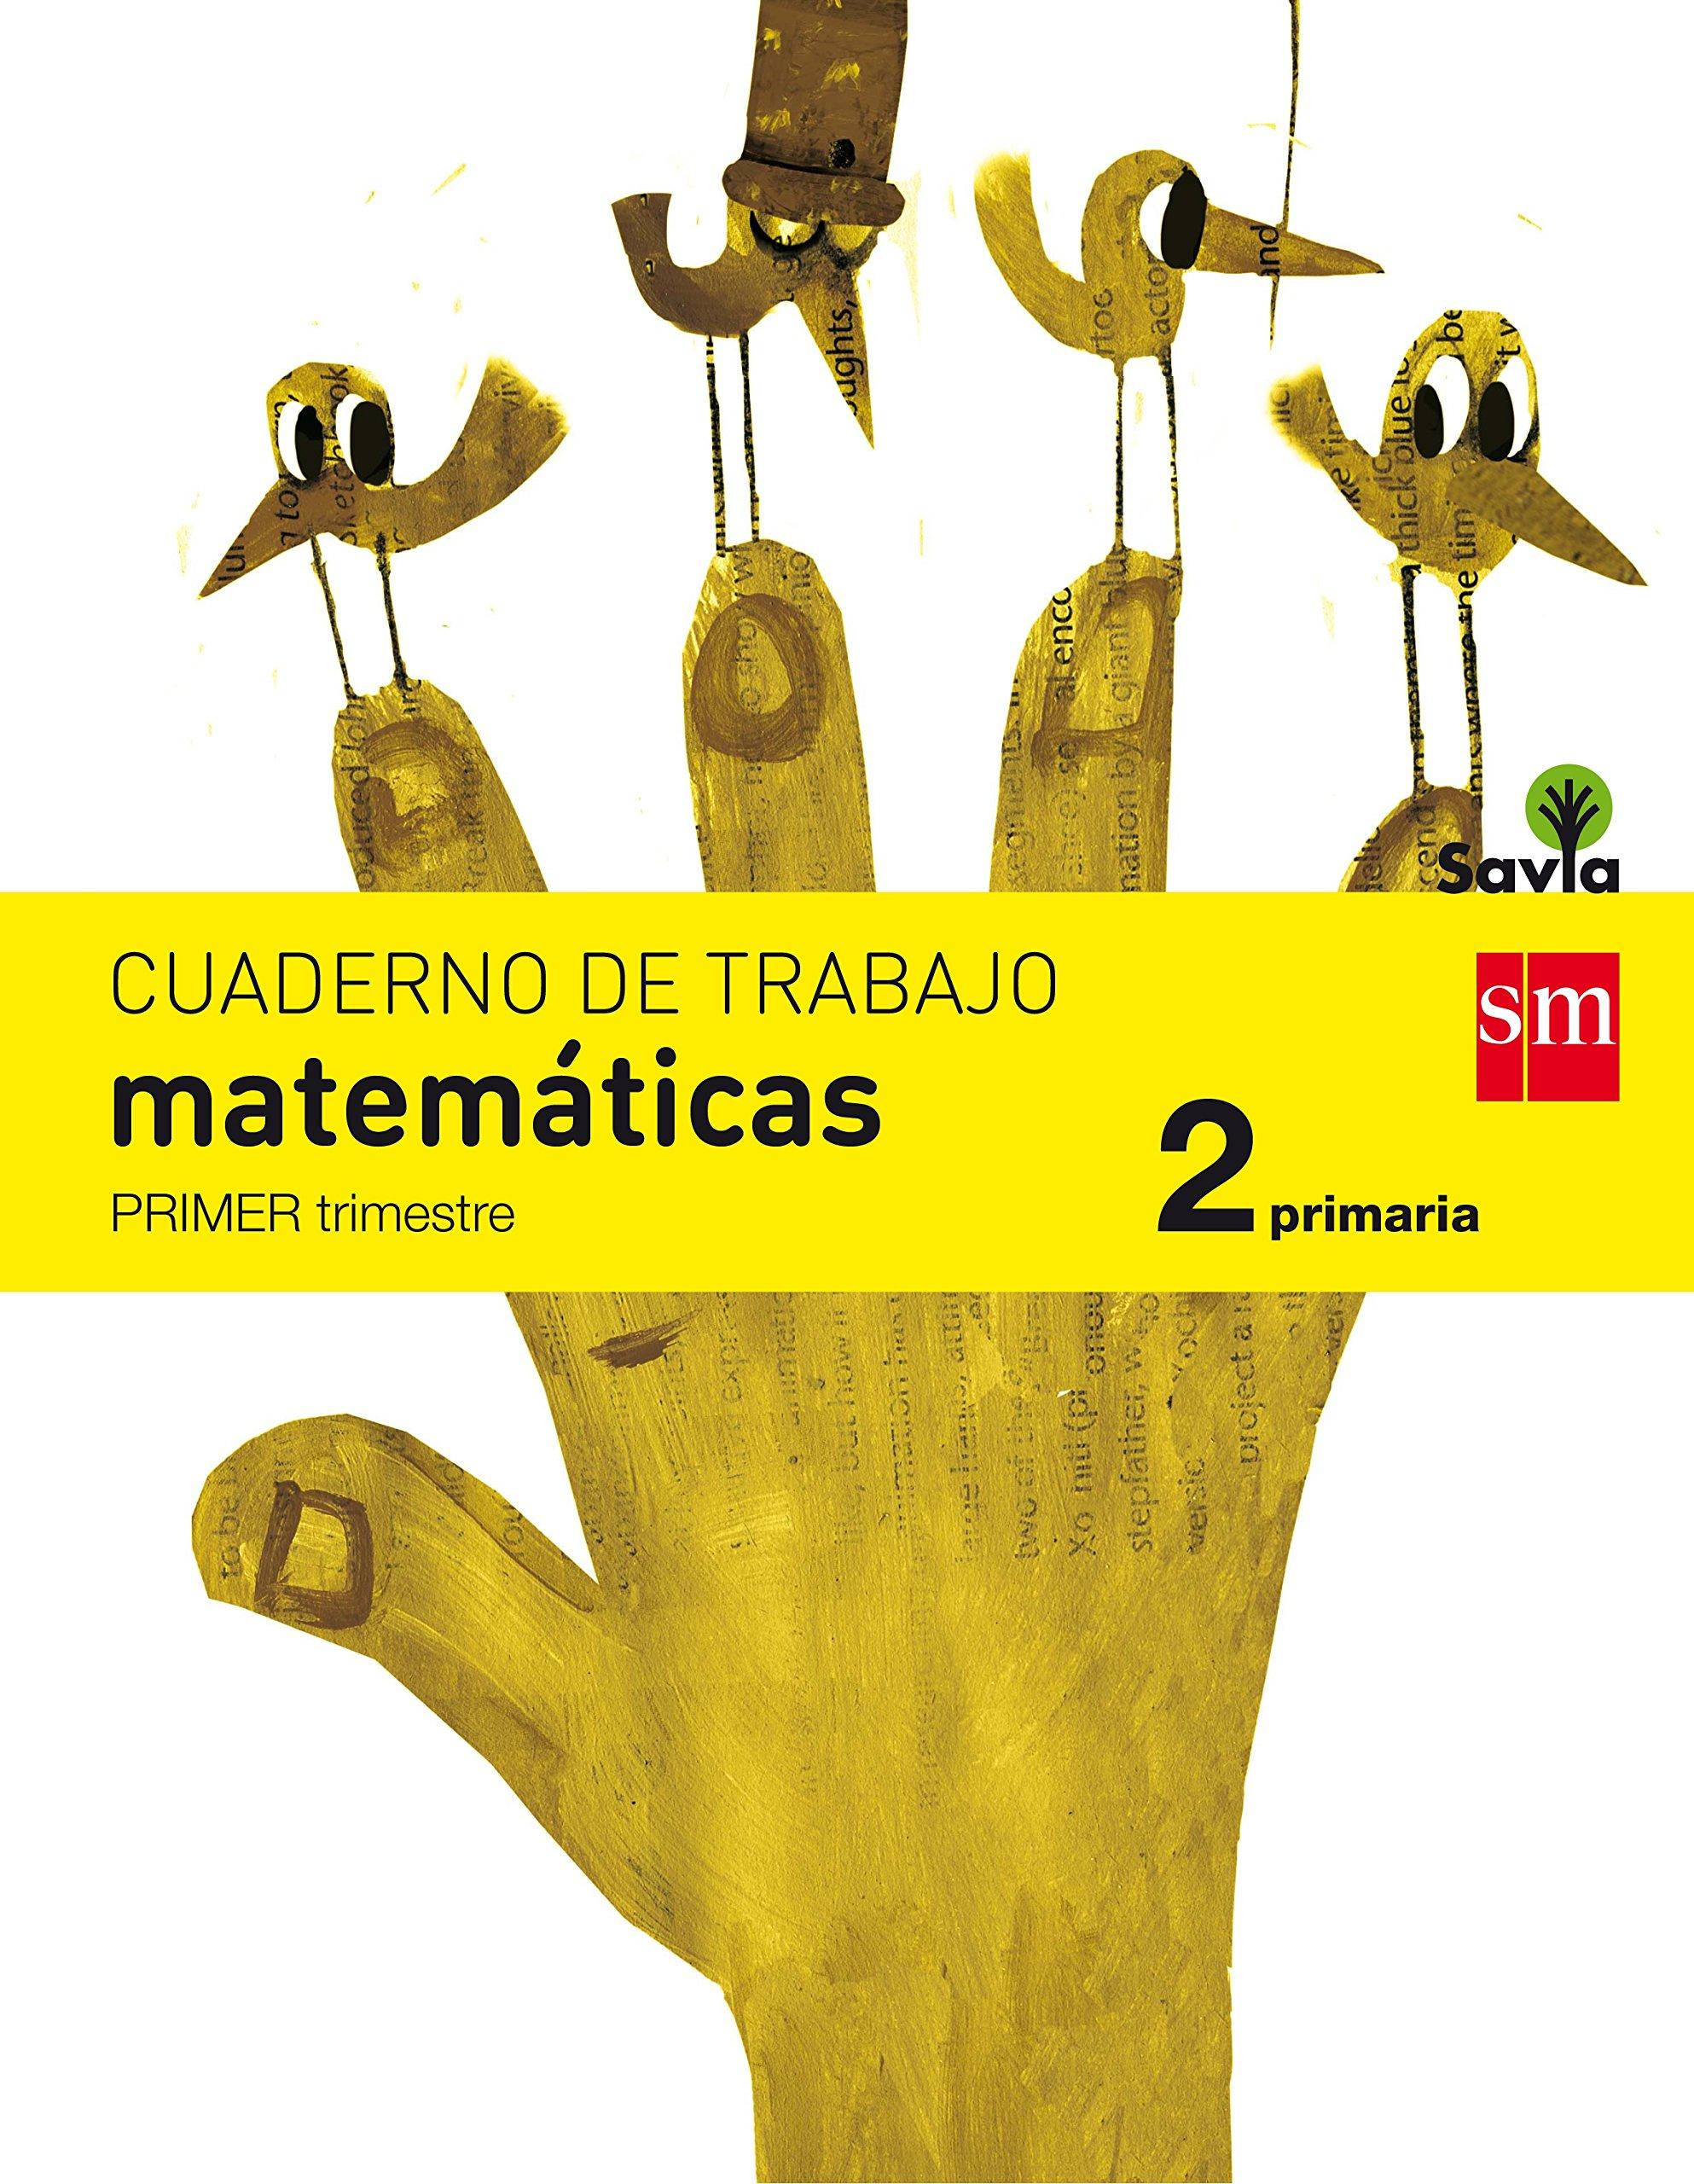 Cuaderno de matemáticas. 2 Primaria, 1 Trimestre. Savia - 9788467578423 Tapa blanda – 1 may 2015 Rosa Modrego Tejada Alya Mark Juan Antonio Rocafort Huerta Grupo SM Educación